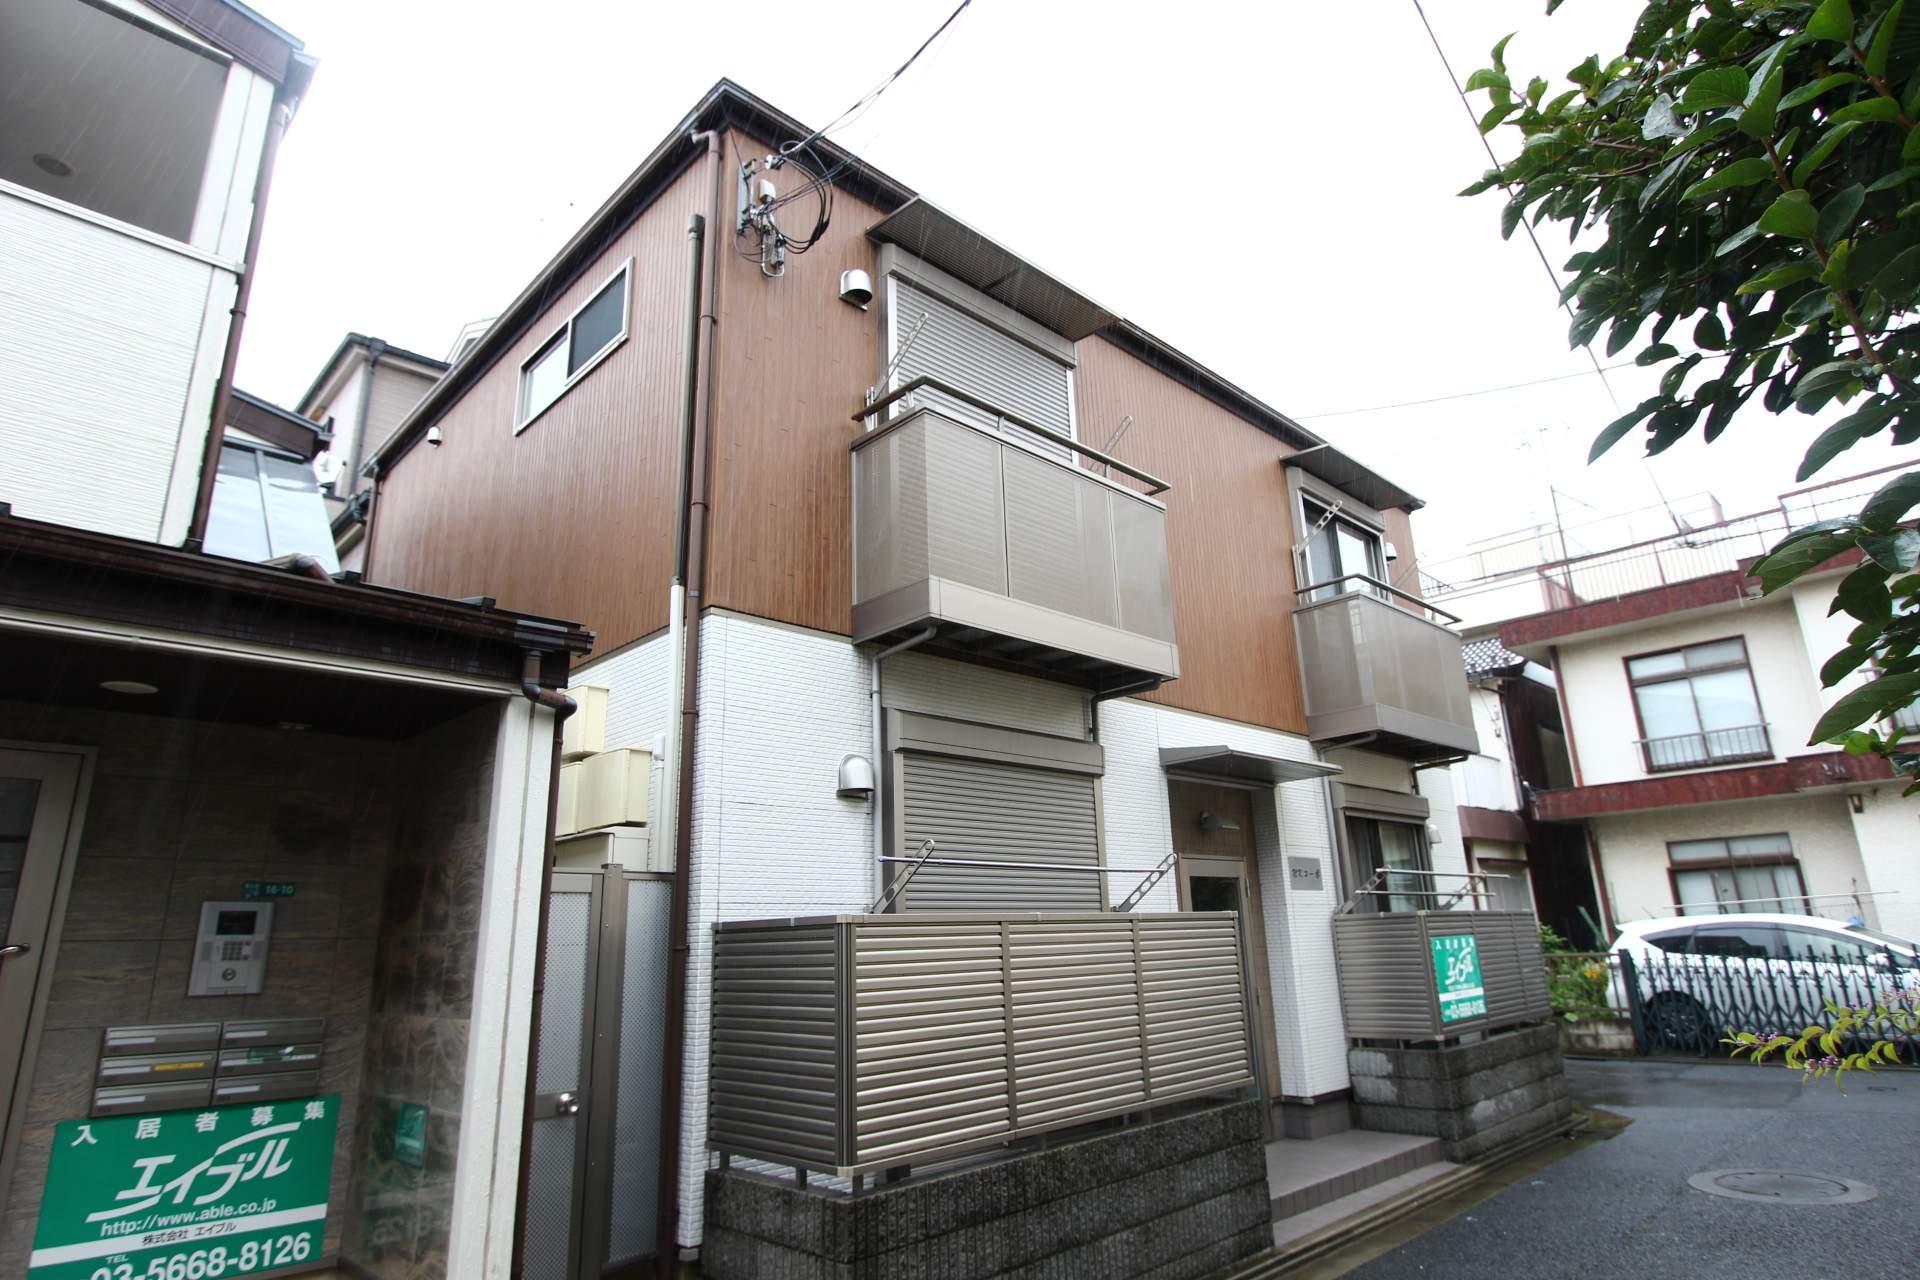 東京都江戸川区、小岩駅徒歩15分の築6年 2階建の賃貸アパート